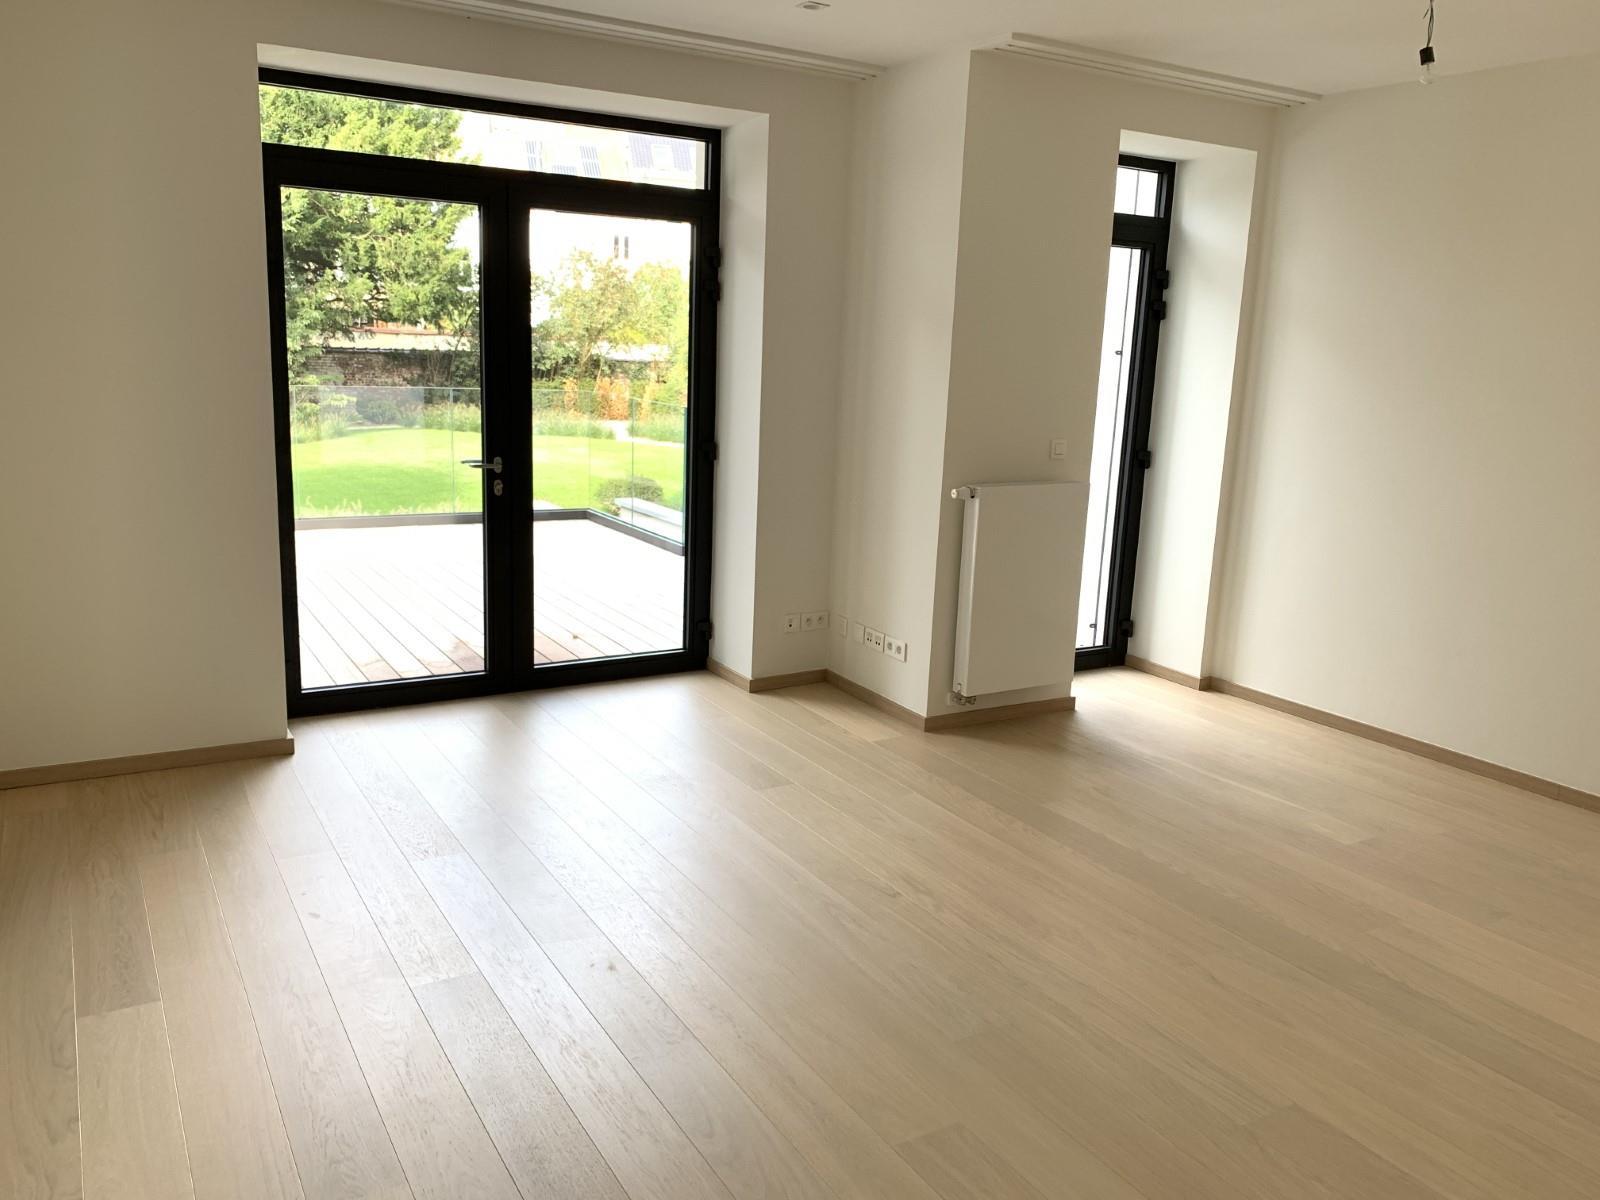 Appartement exceptionnel - Ixelles - #3964982-1